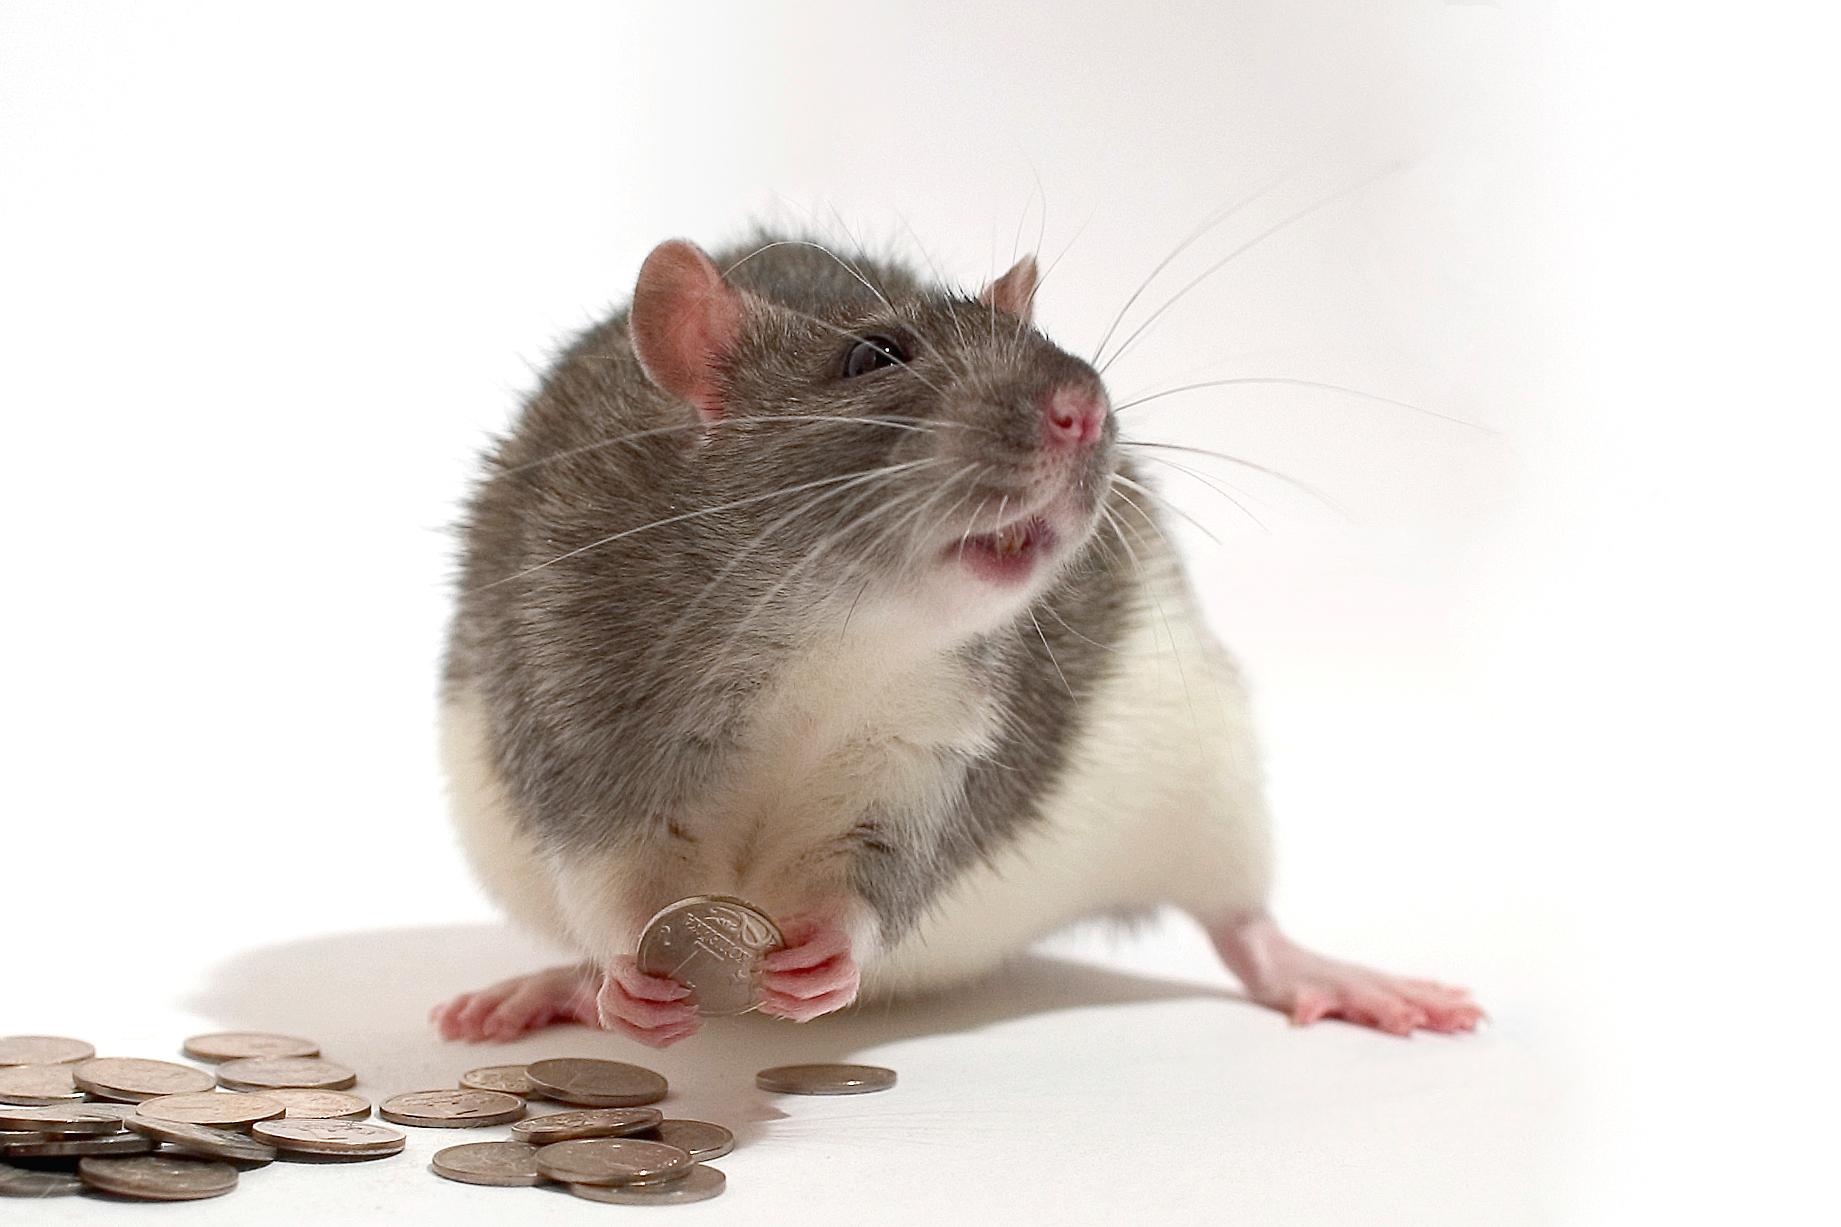 Gniazdo szczurów – sprawa Panama Papers